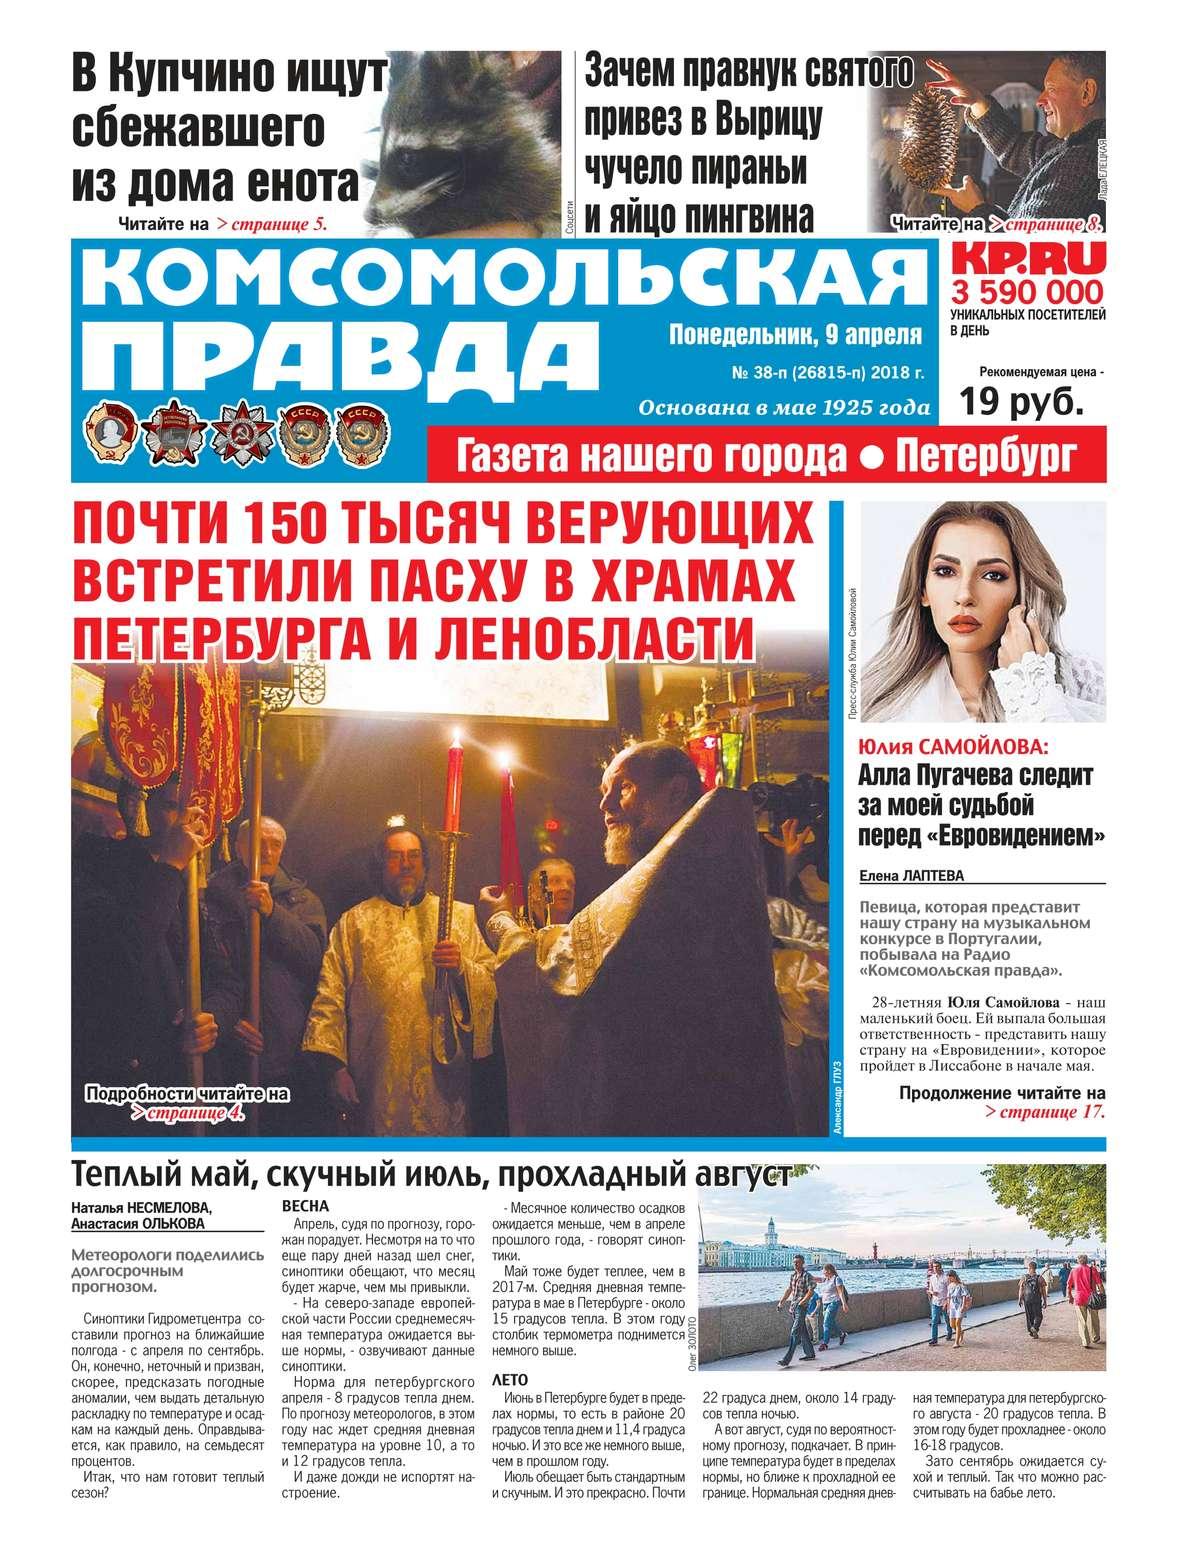 Комсомольская Правда. Санкт-Петербург 38п-2018 фото